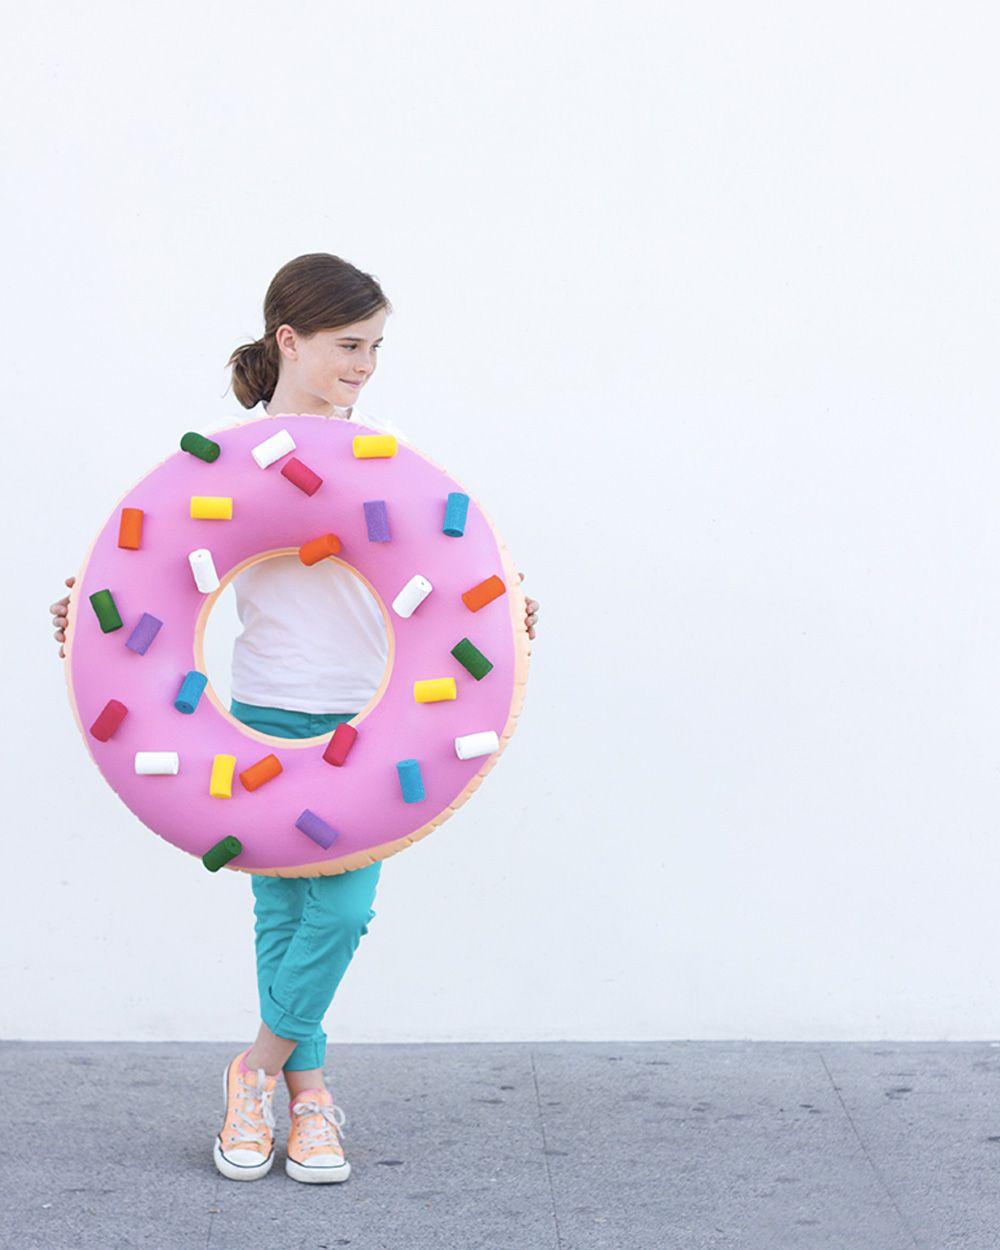 Déguisement Halloween : 15 idées DIY pour toute la famille   Deguisement bonbon, Idee ...